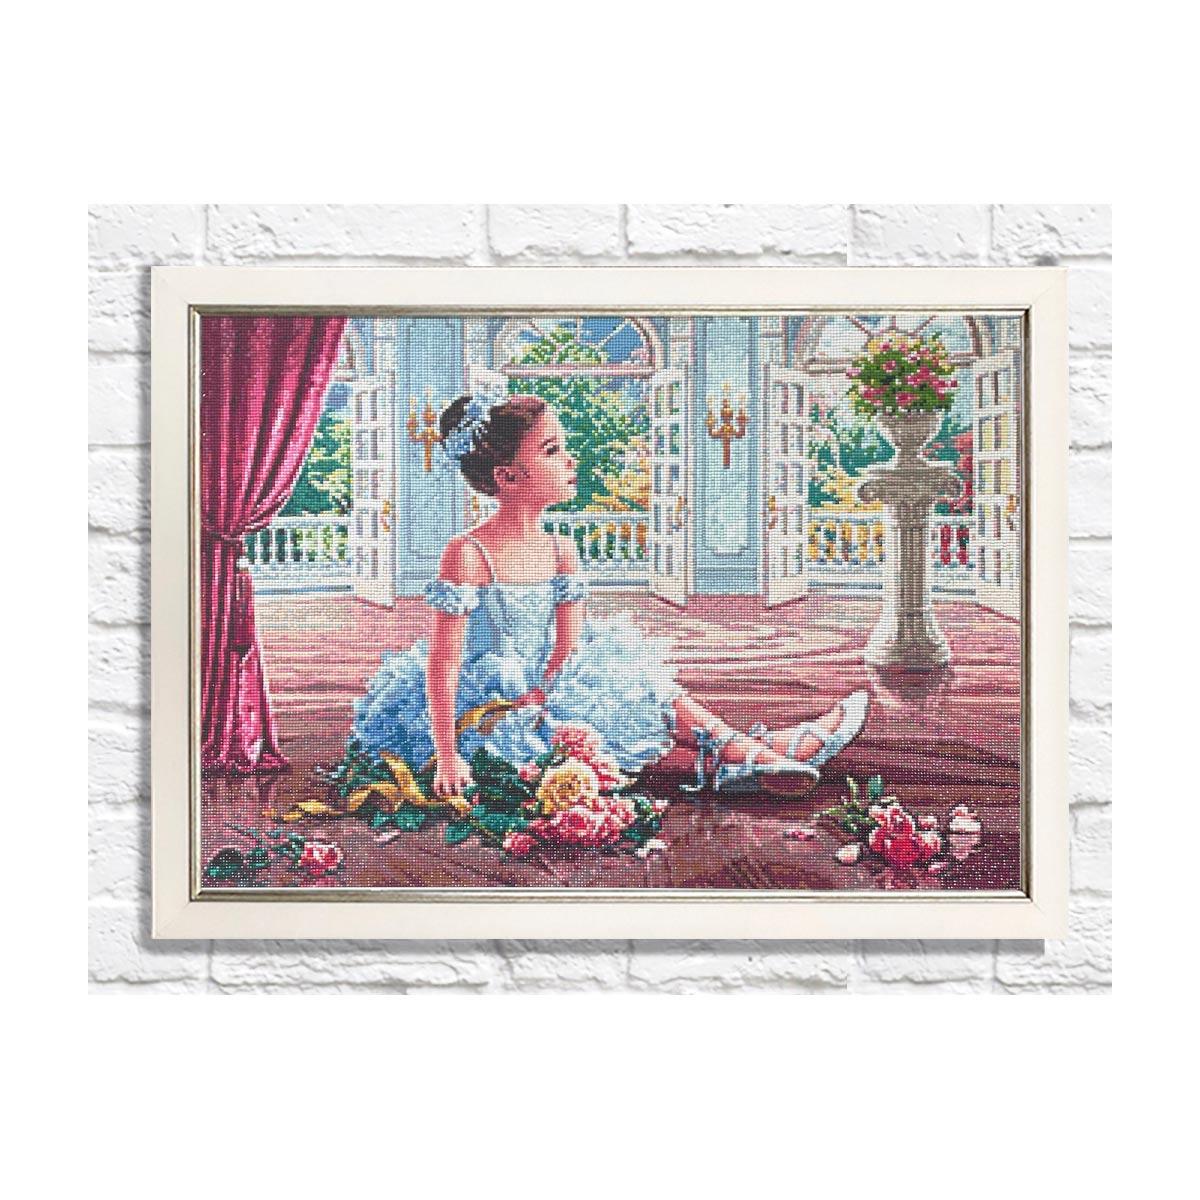 Ag 2491 Набор д/изготовления картин со стразами 'Юная балерина' 70*50см Гранни